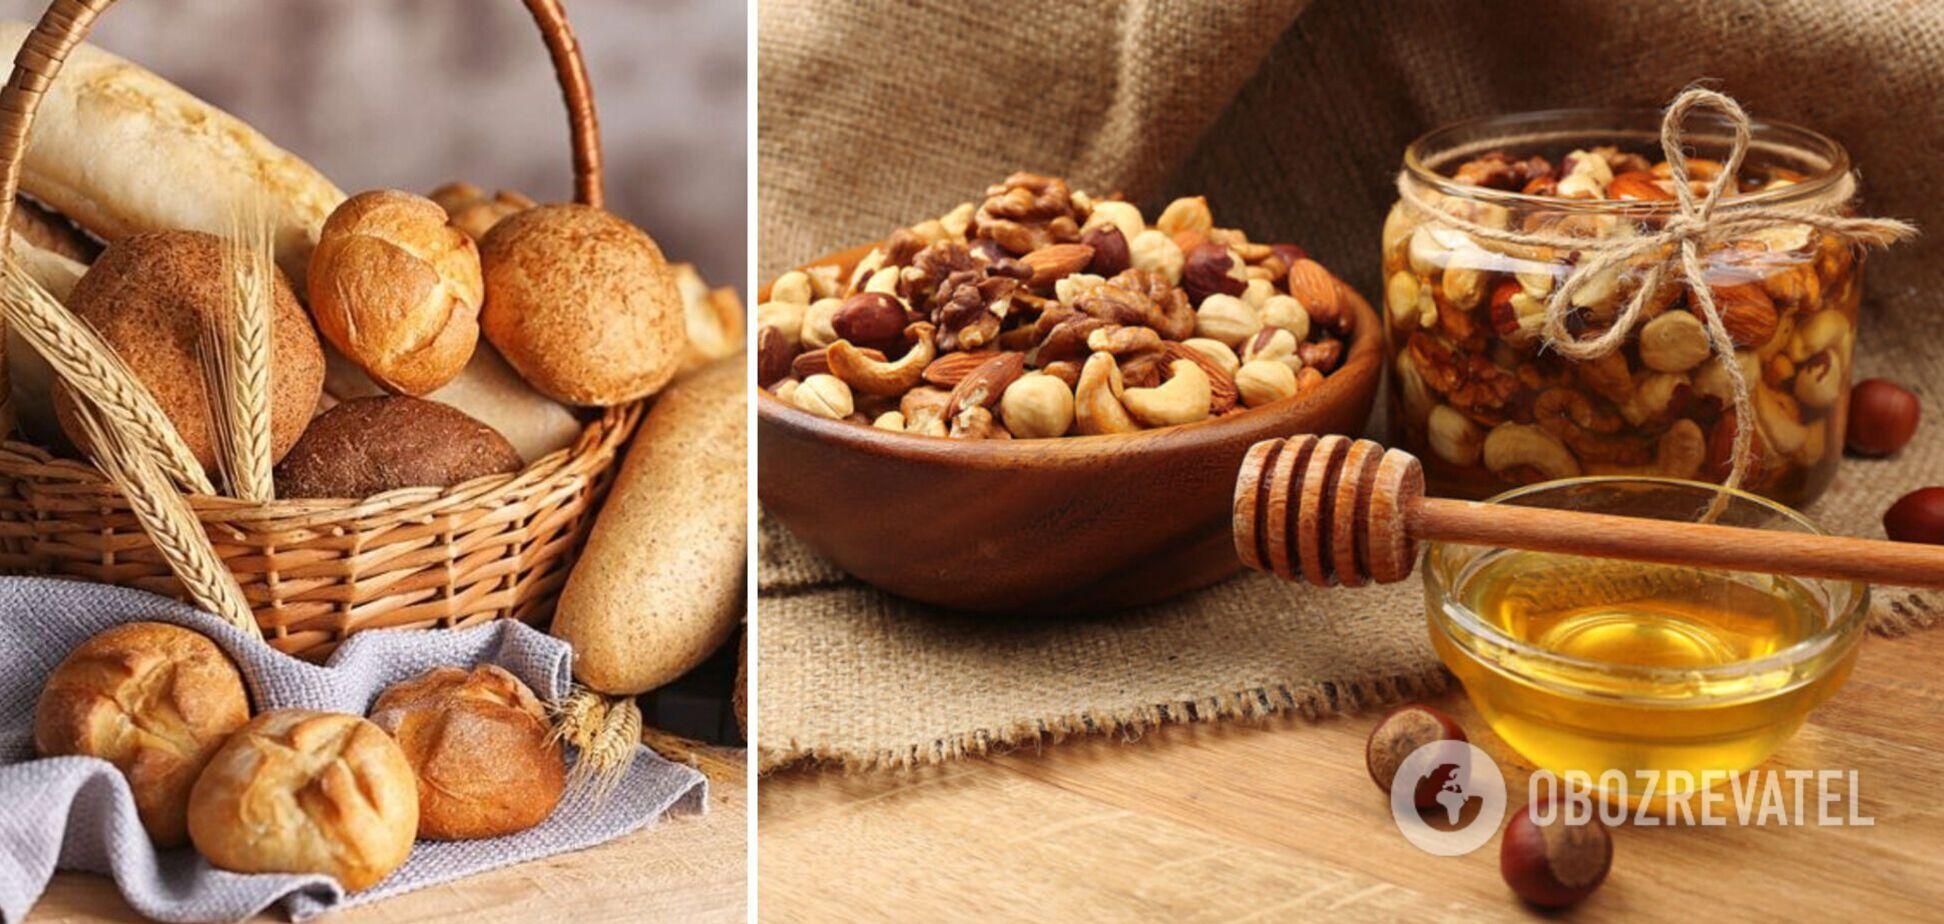 День хлеба и орехов: старинные ритуалы на богатство, здоровье и защиту